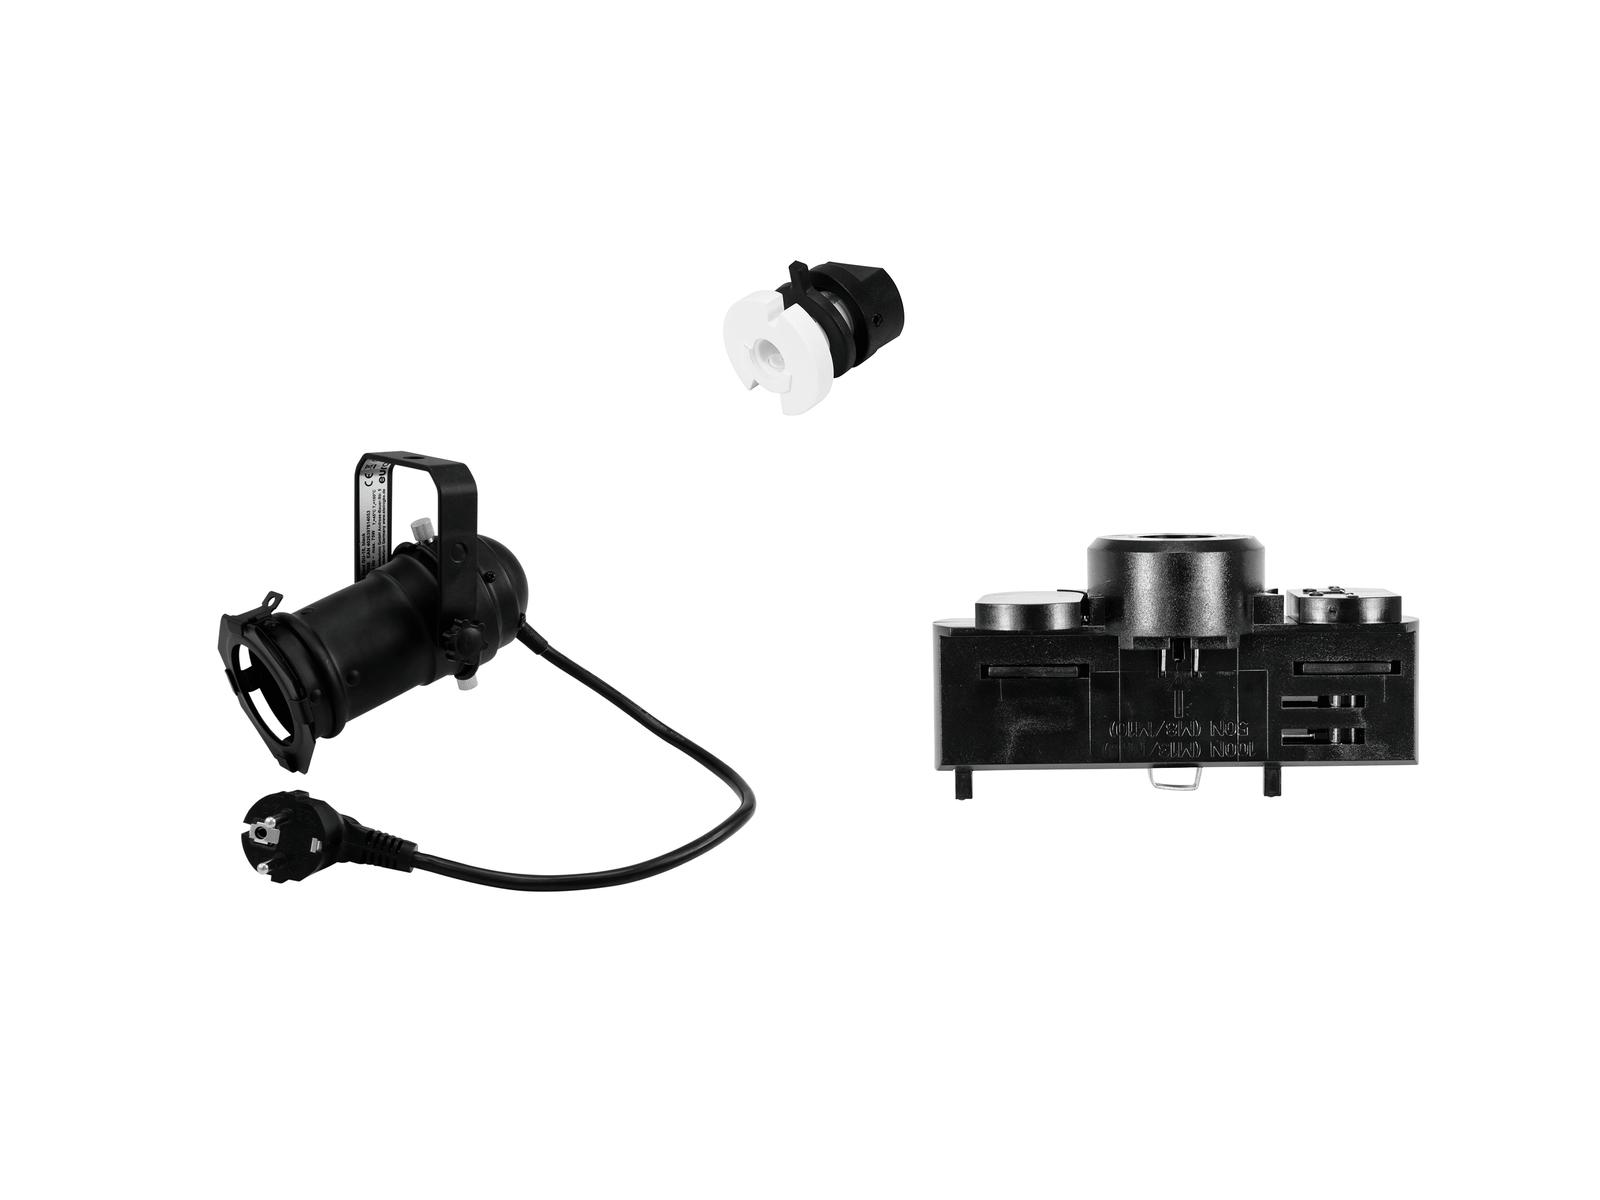 EUROLITE Set DIY PAR-16 Spot GU-10 + Stromschienenadapter, 3-phasig, schwarz